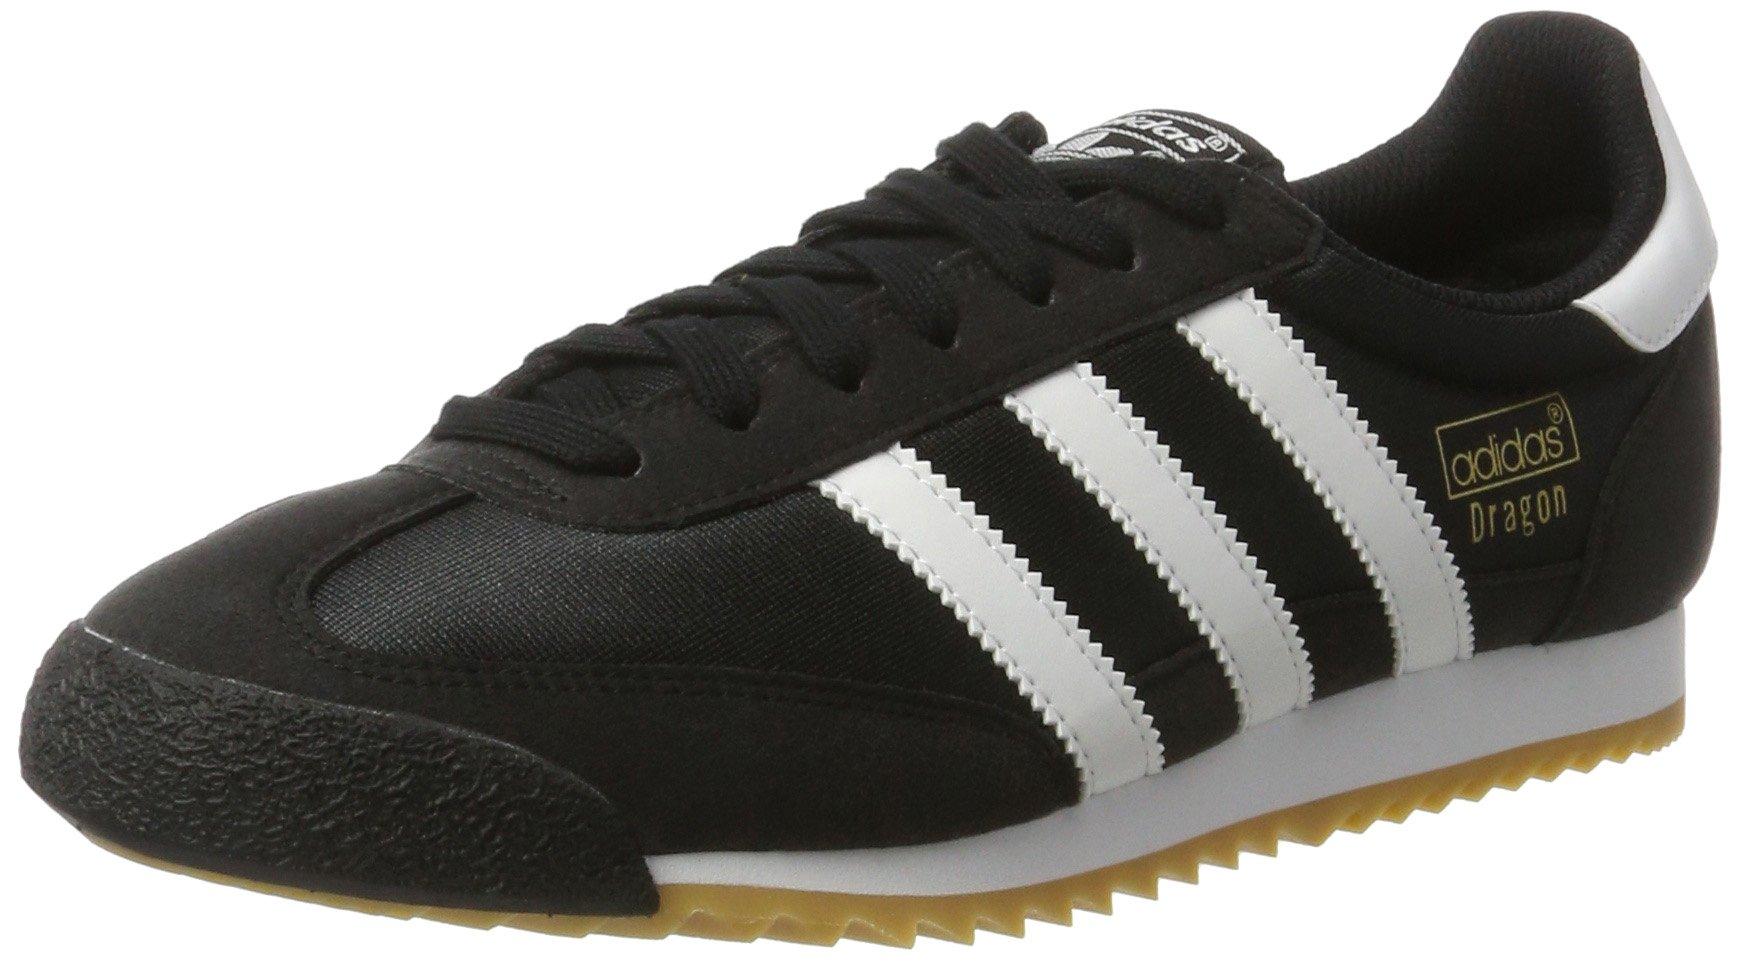 aa5340a248e4 Galleon - Adidas Originals Dragon OG Sneaker HerrenMen s Dragon OG Low-Top  Sneakers